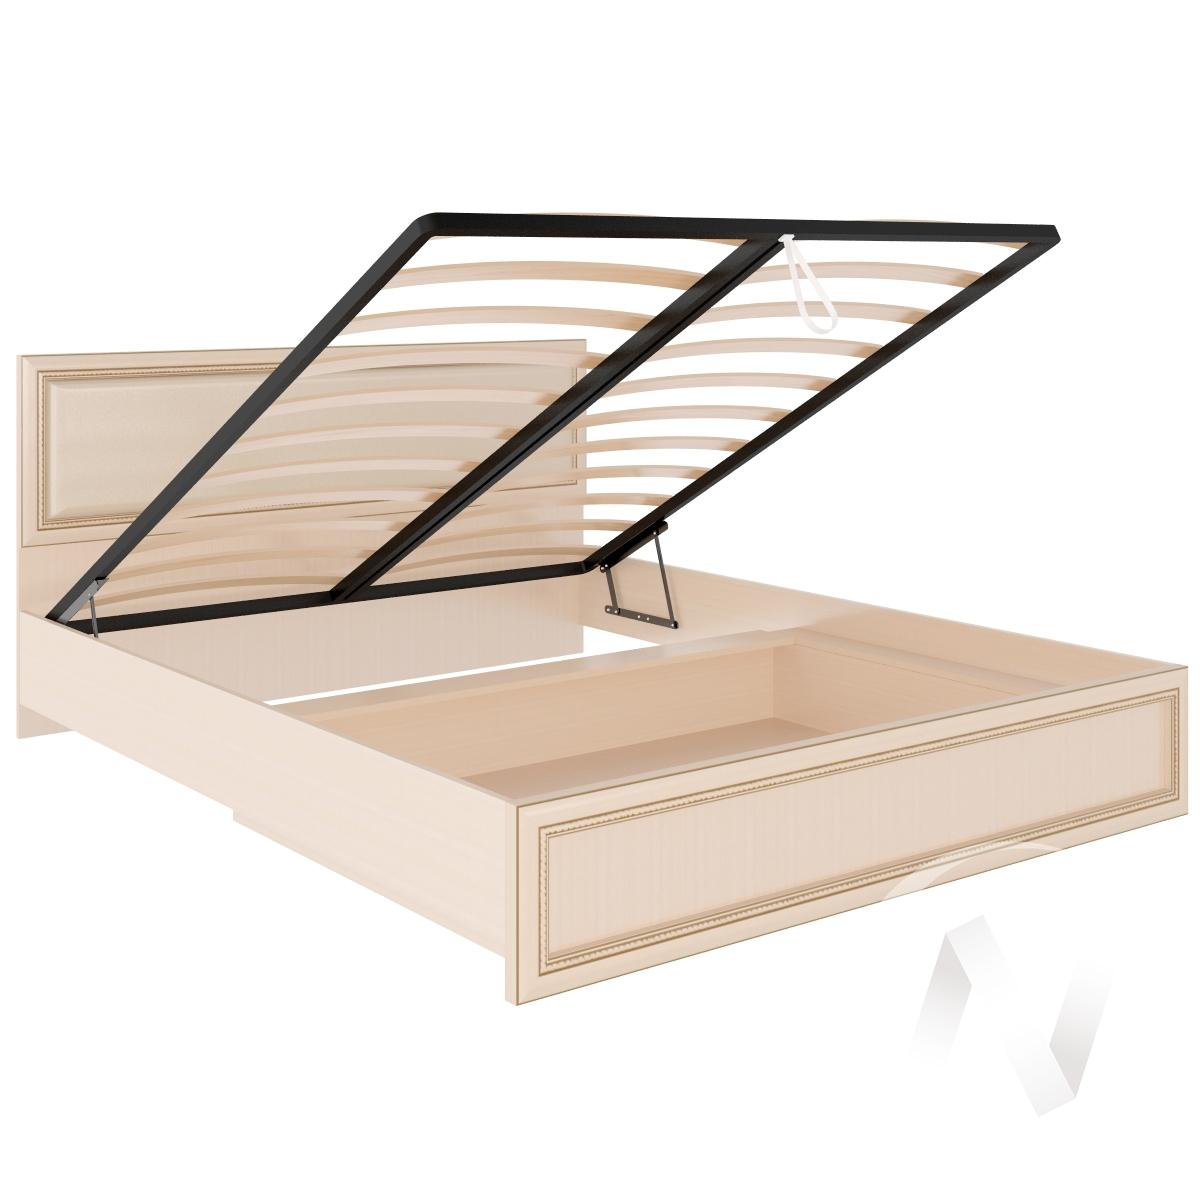 Кровать Беатрис стандарт с подъёмным механизмом и мягкой спинкой М11 1,6 (Дуб млечный)